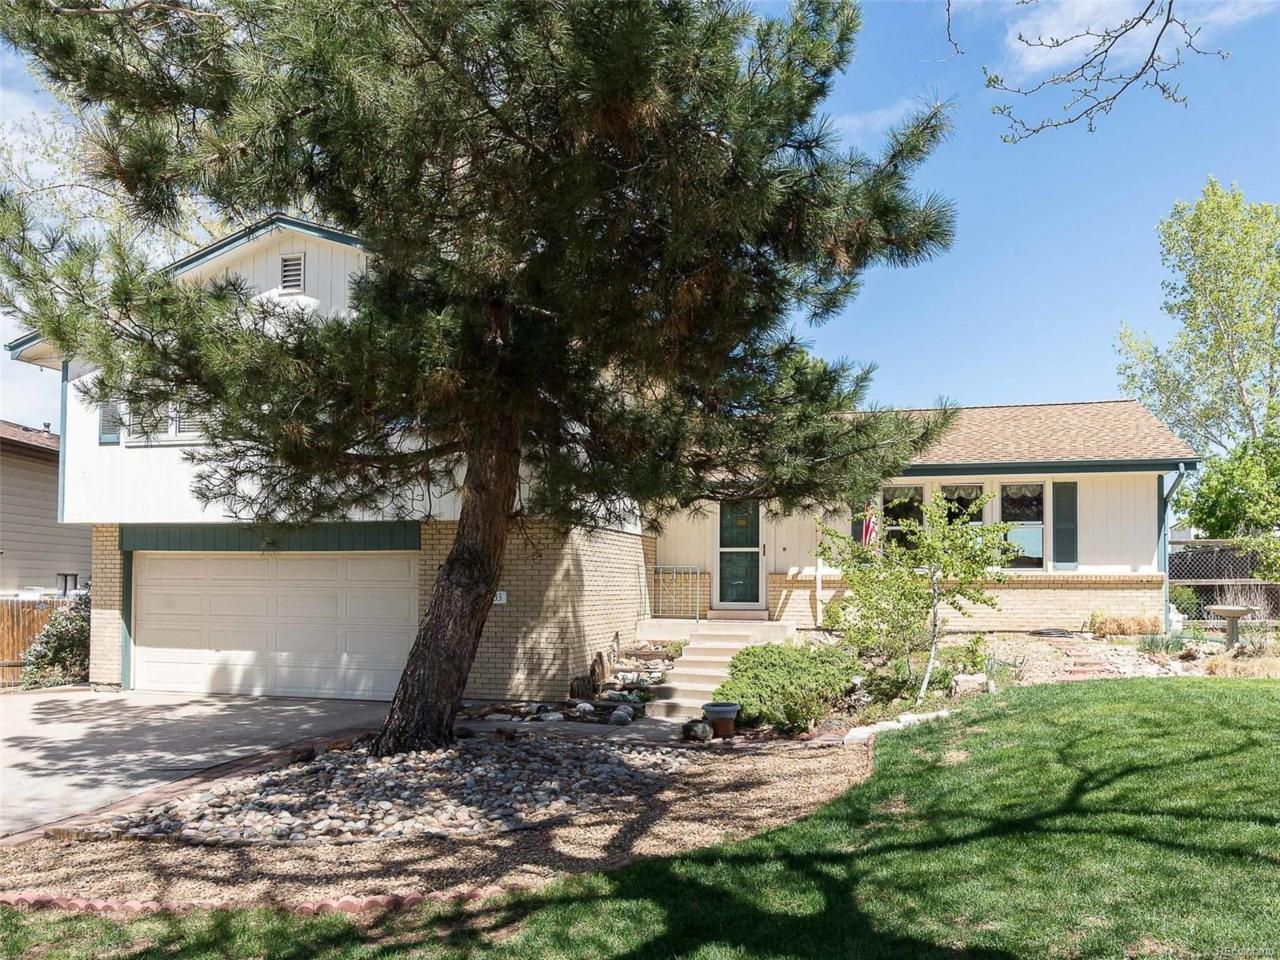 16433 E Girard Avenue, Aurora, CO 80013 (MLS #7821388) :: 8z Real Estate